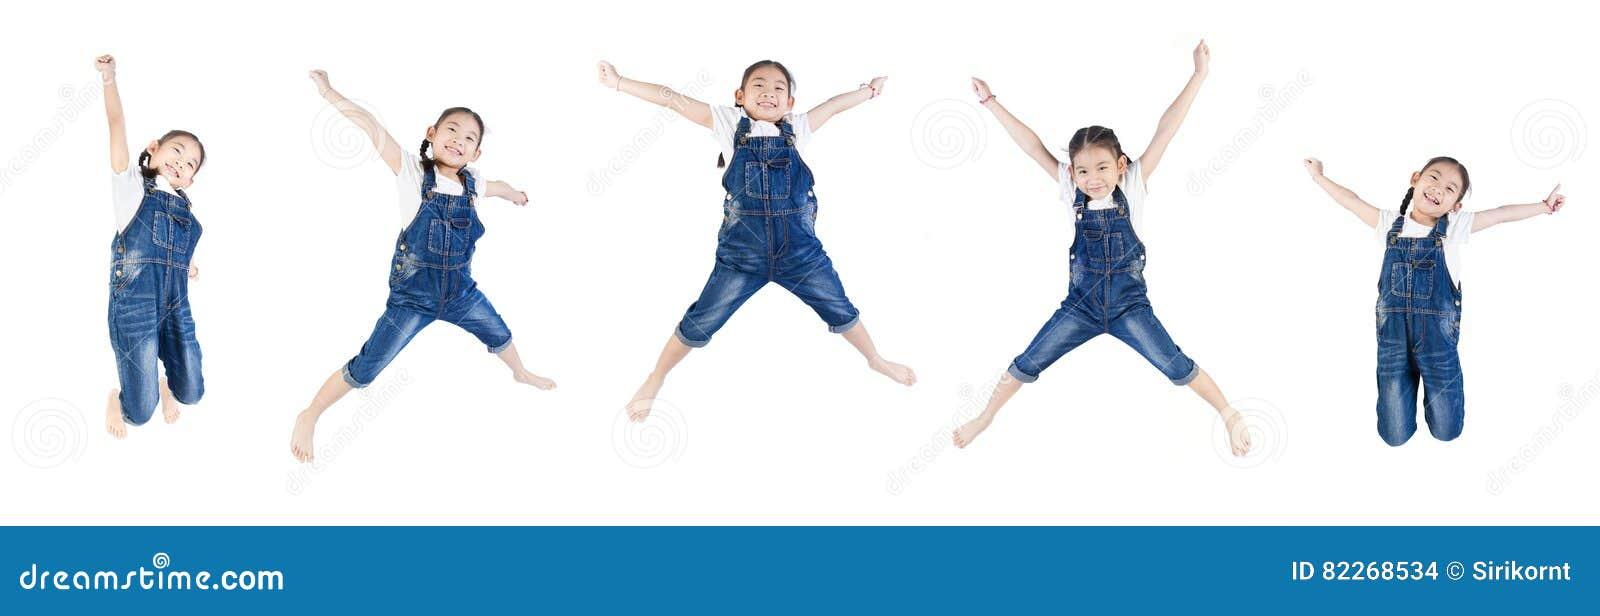 亚裔逗人喜爱的孩子跳